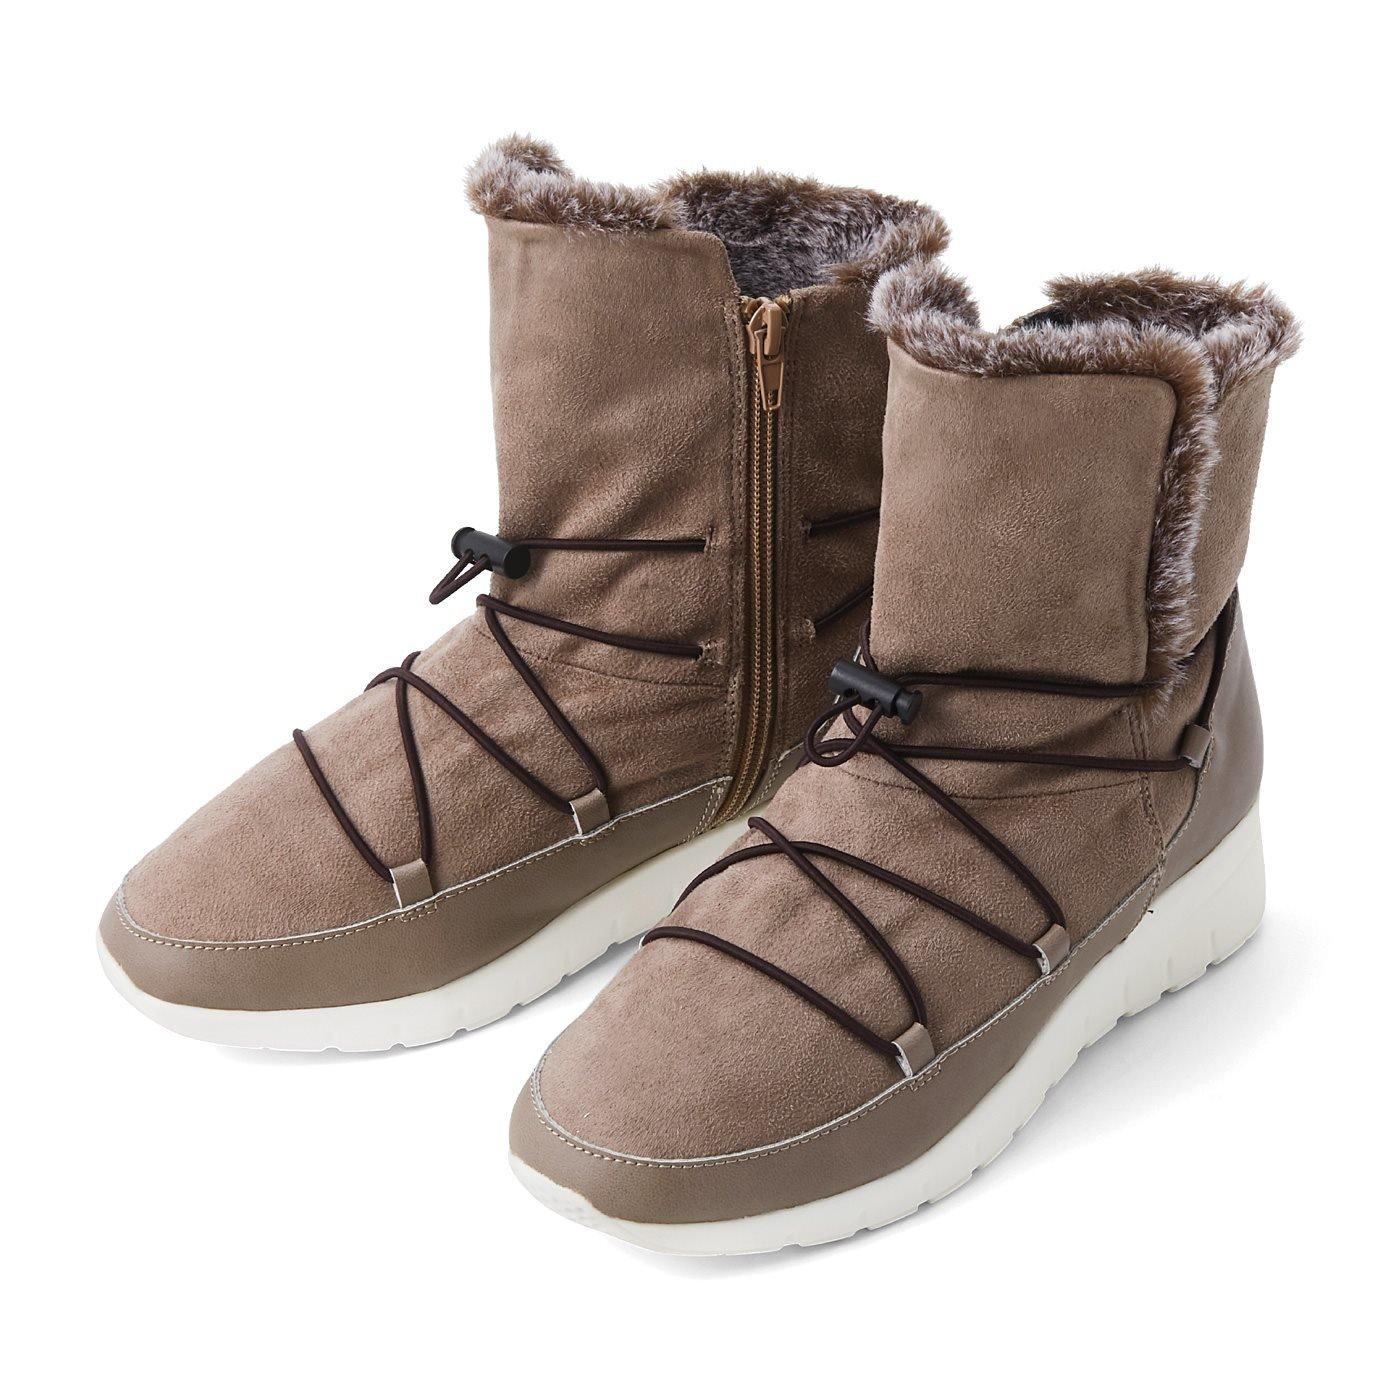 リブ イン コンフォート 暖かさもかわいさも主役級! 霜降りファーのスニーカーブーツ〈ベージュ〉